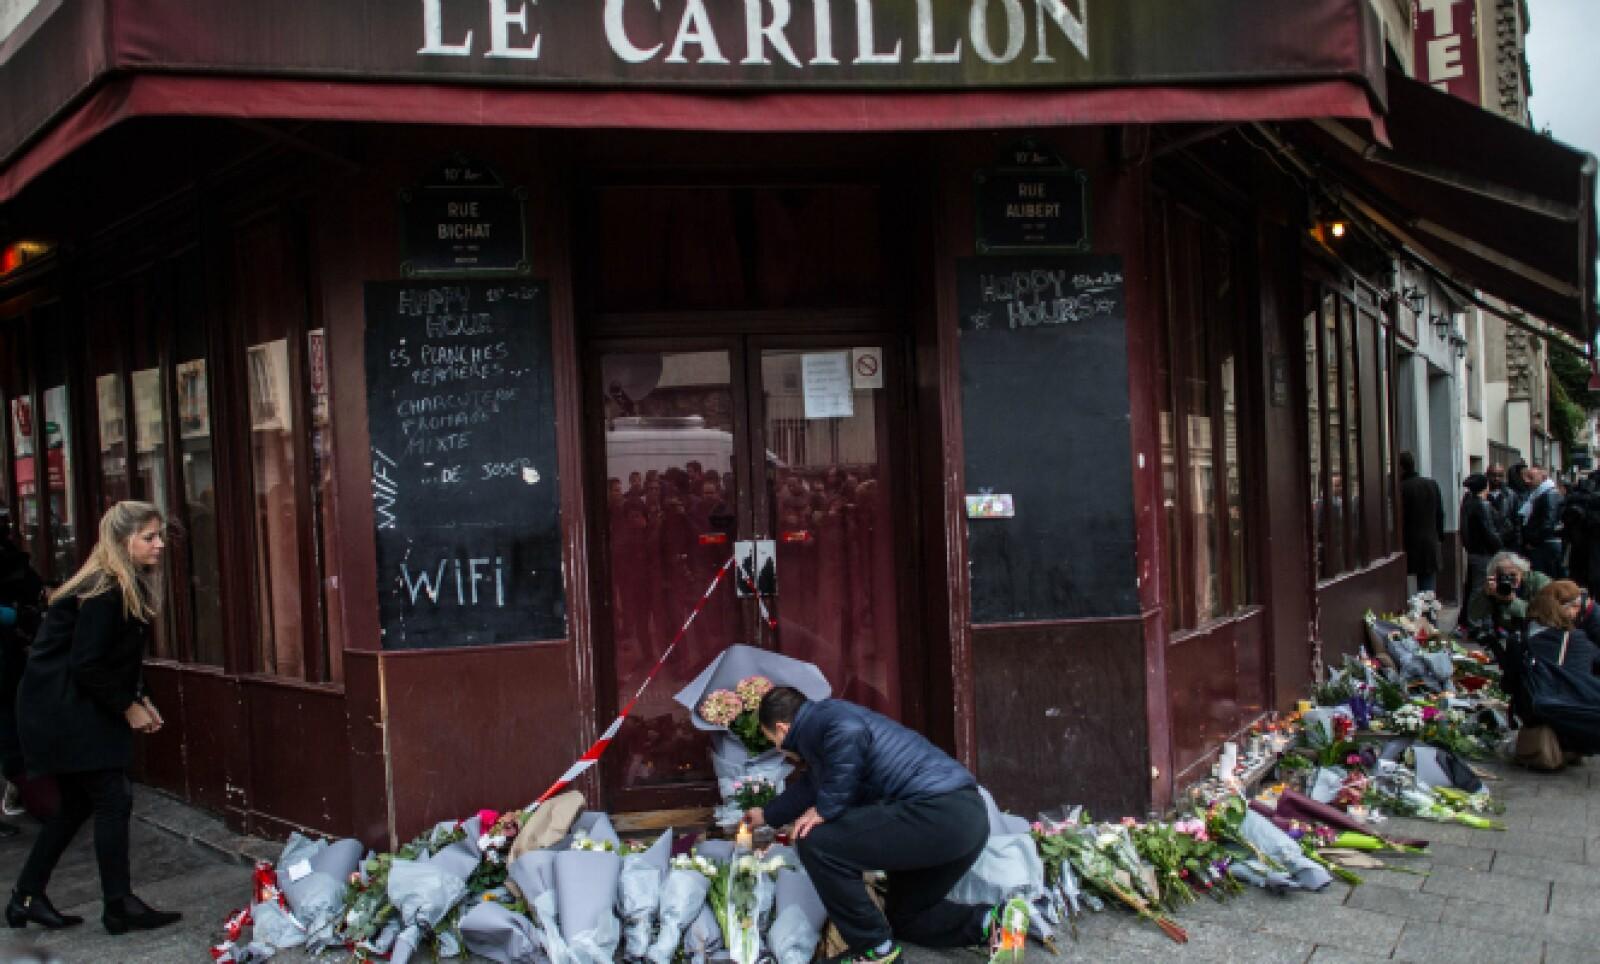 Uno de los sitios atacados amanece con flores y homenajes para las víctimas.